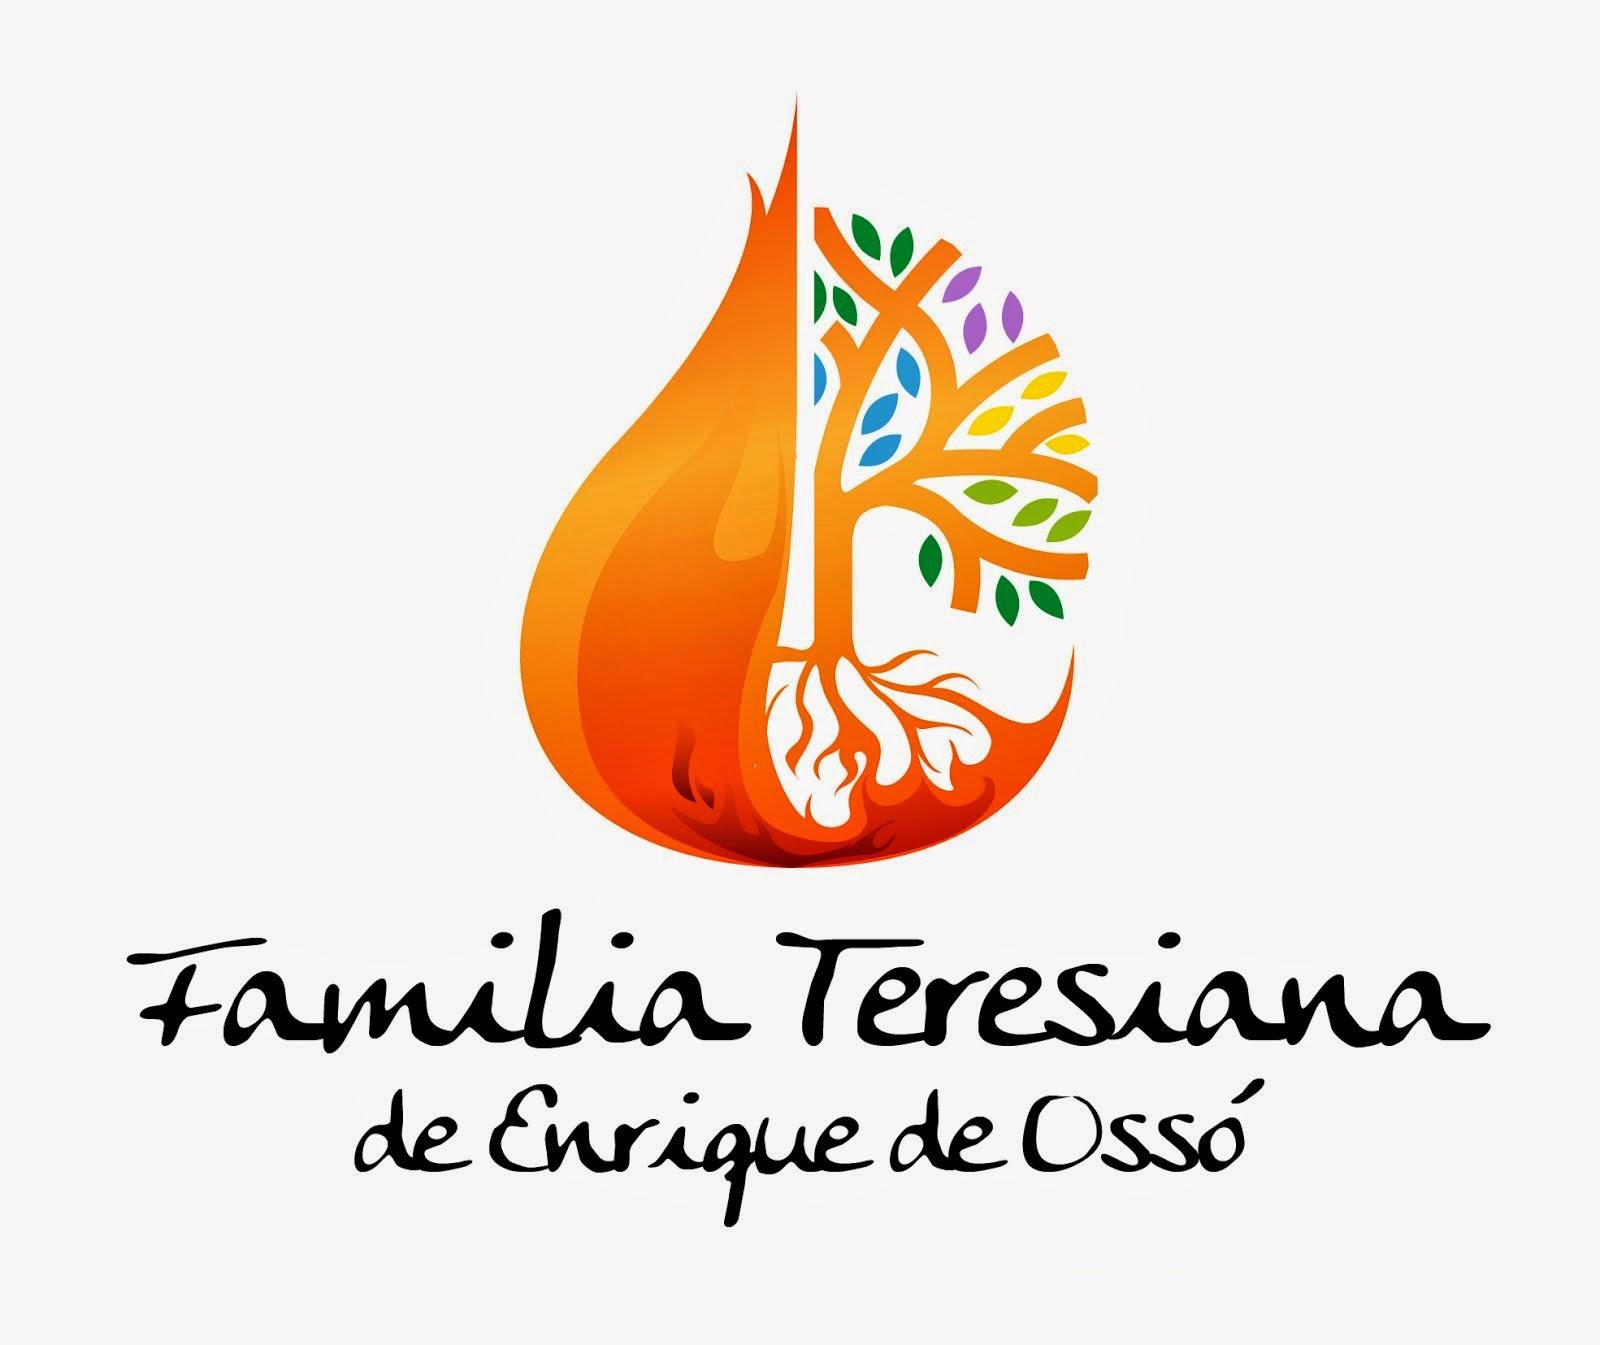 Familia Teresiana